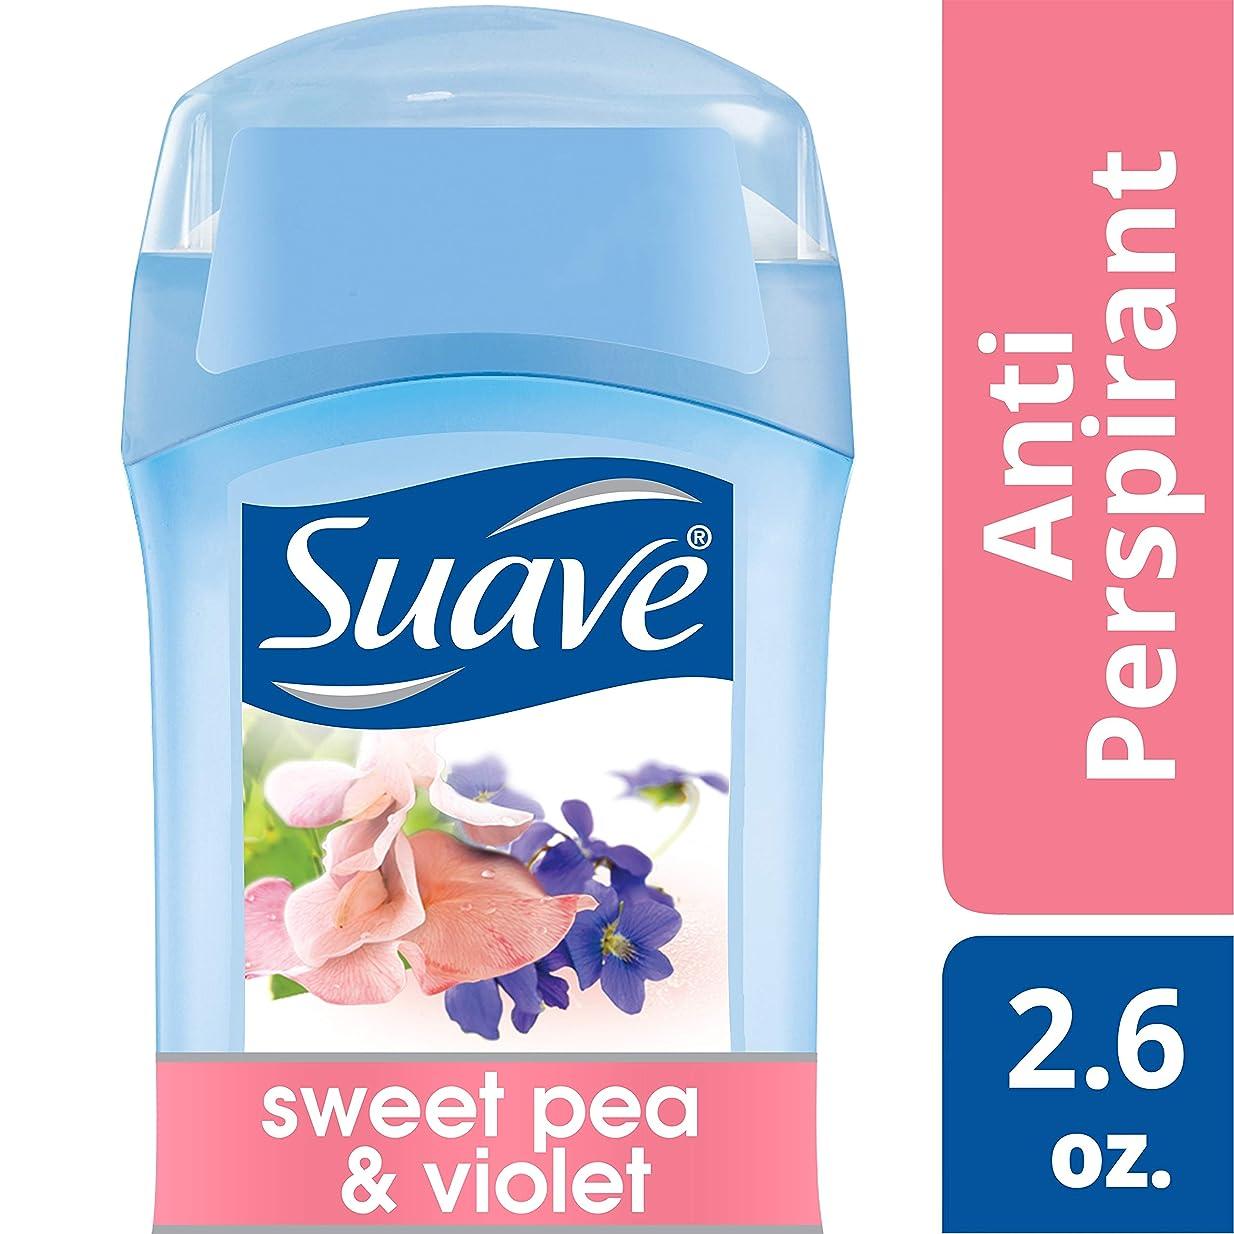 爪発見つなぐSuave Invisible Solid Anti Perspirant & Deodorant Sweet Pea & Violet 75g (並行輸入品)